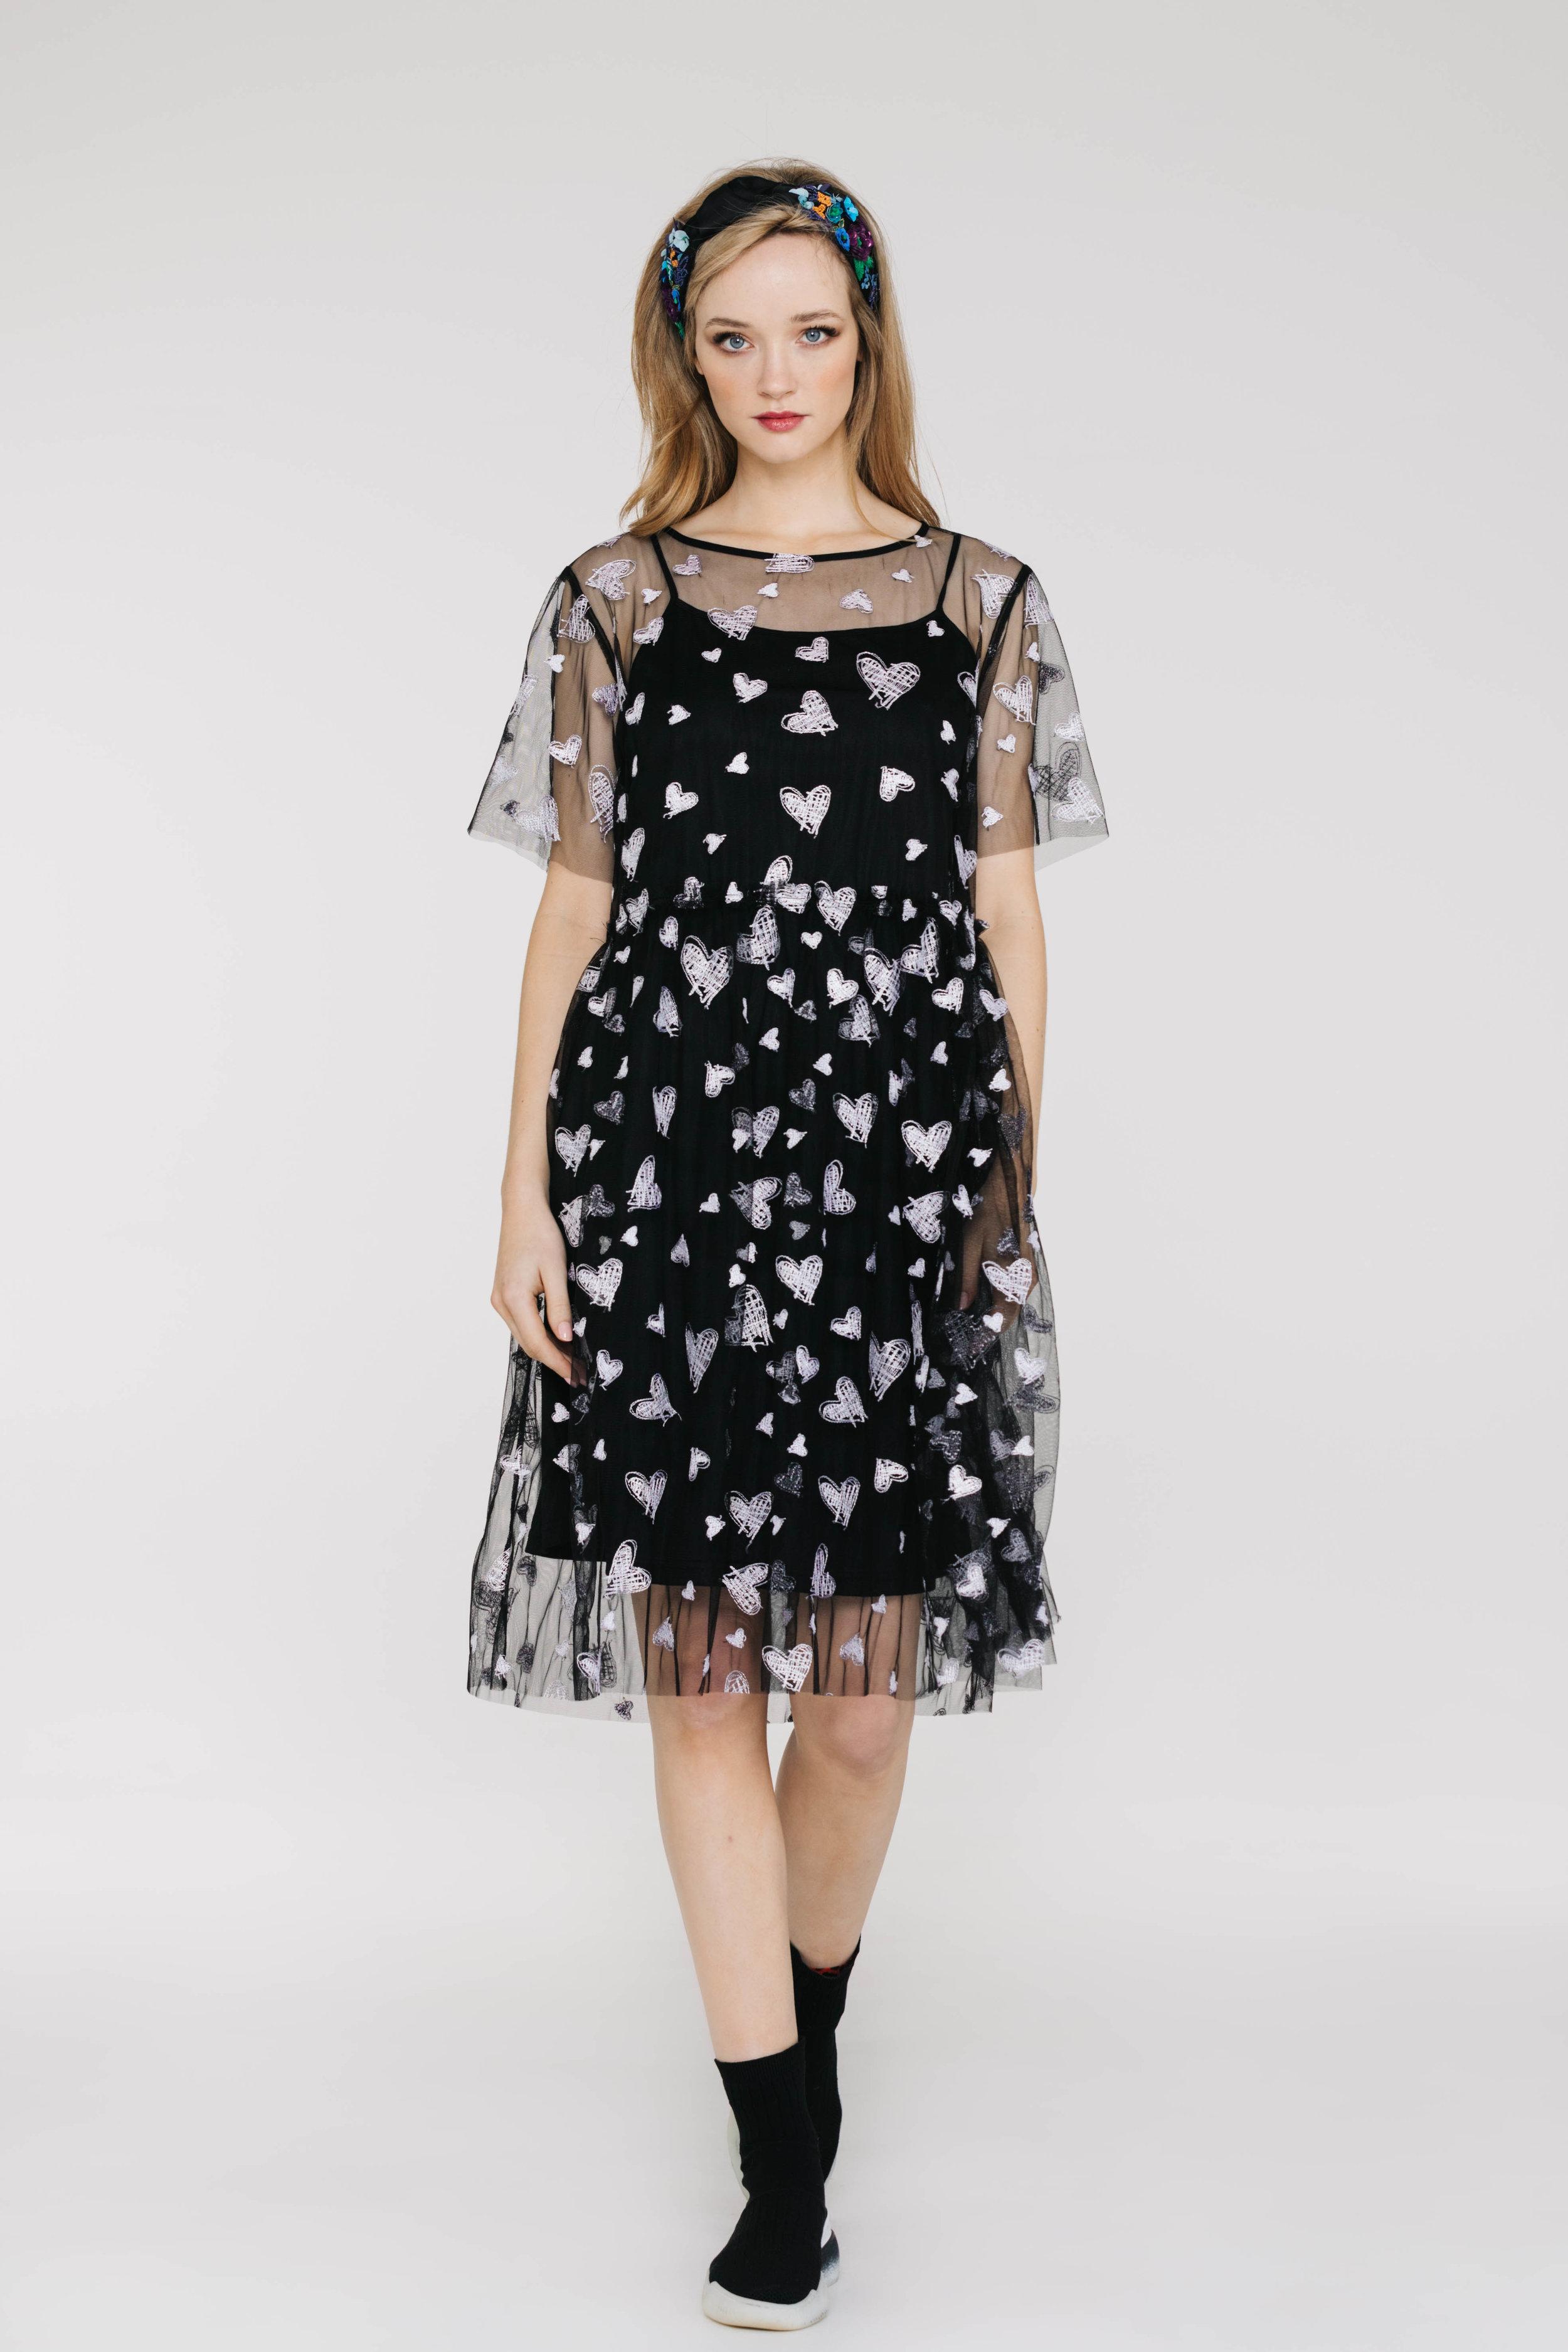 Mela Dress 6449N White Heart Black